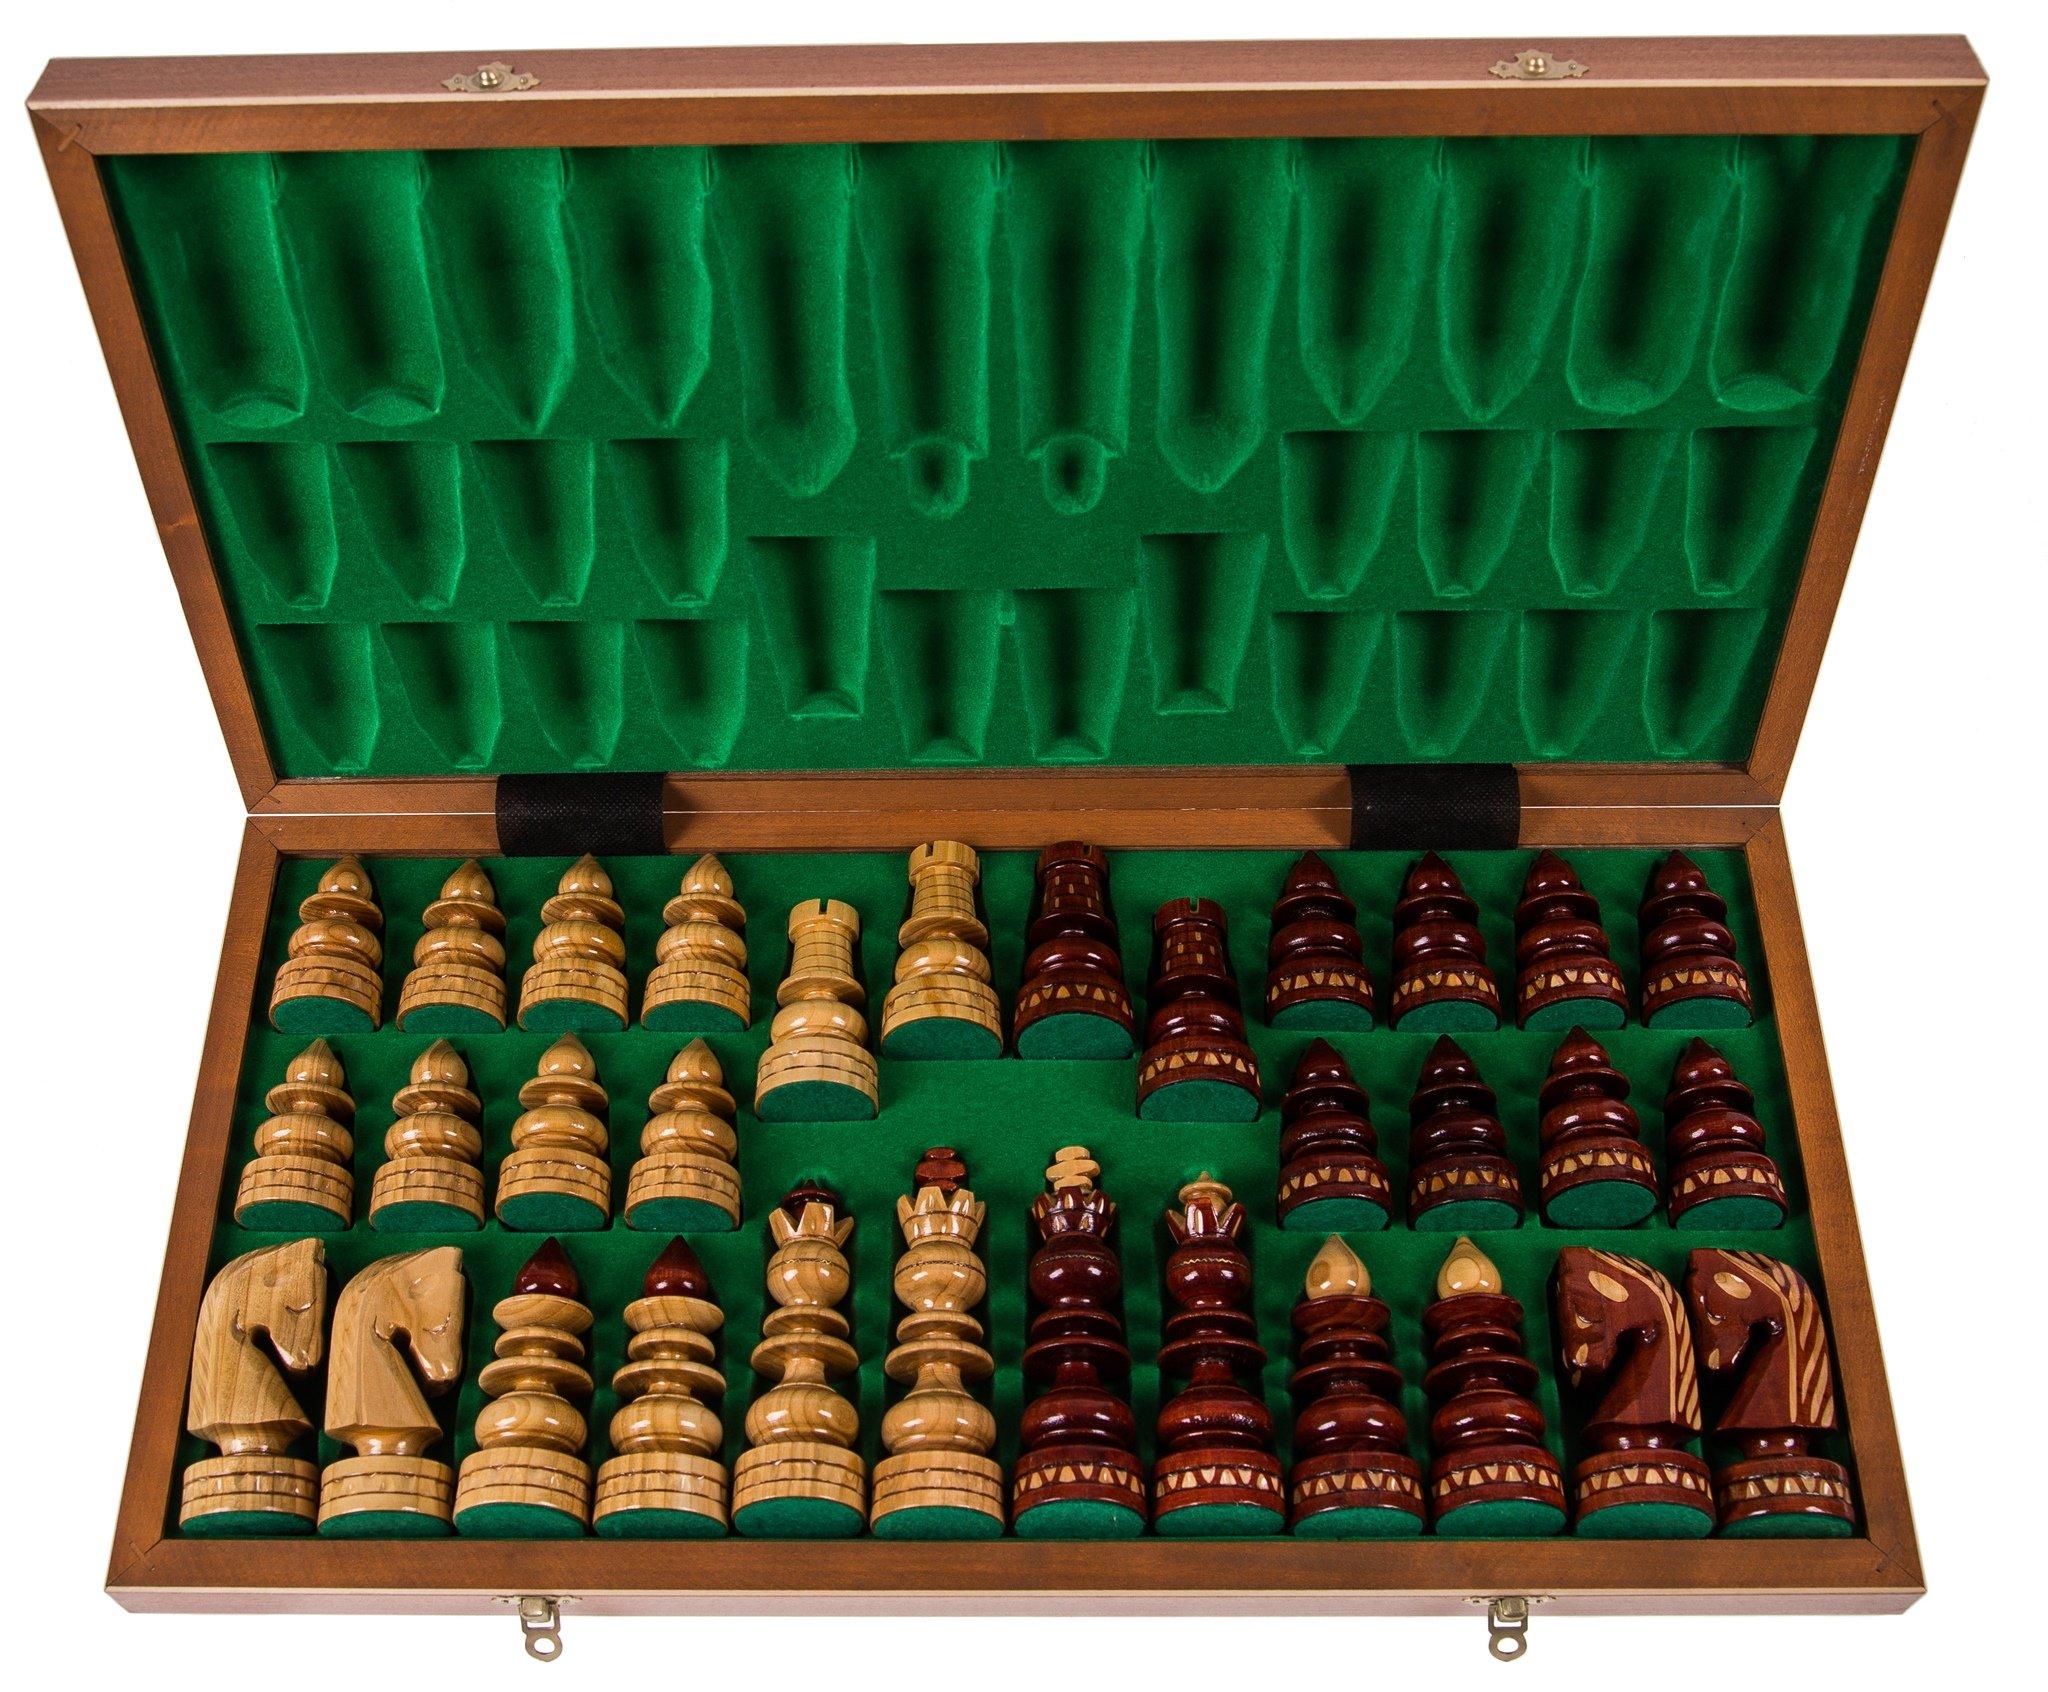 SQUARE-GAME-Schach-Schachspiel-BYZANZ-60-x-60-cm-Mahagoni-Schachfiguren-geschnitzt-aus-Holz